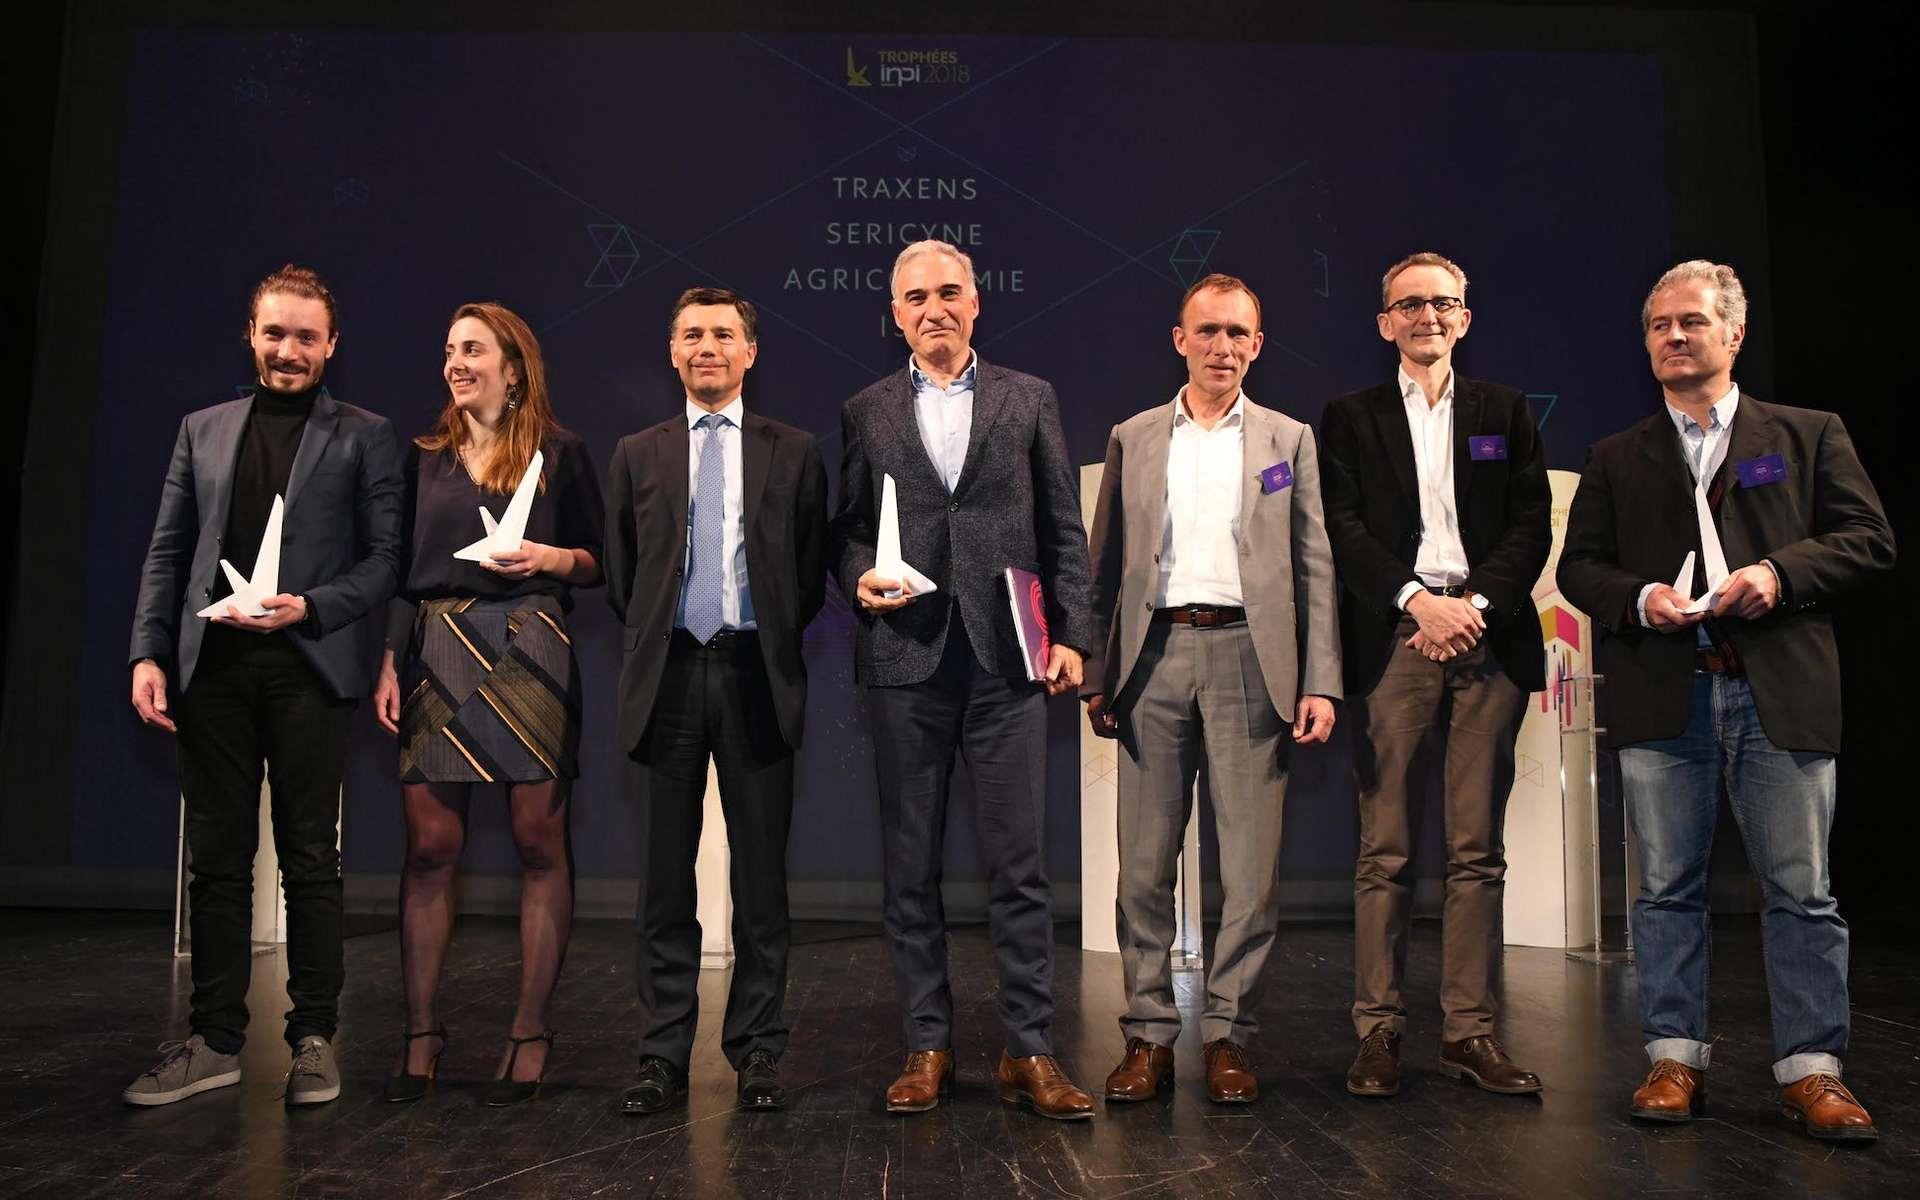 Traxens, Sericyne, Agriconomie et I3S : les quatre gagnants des Trophées INPI 2018. © INPI